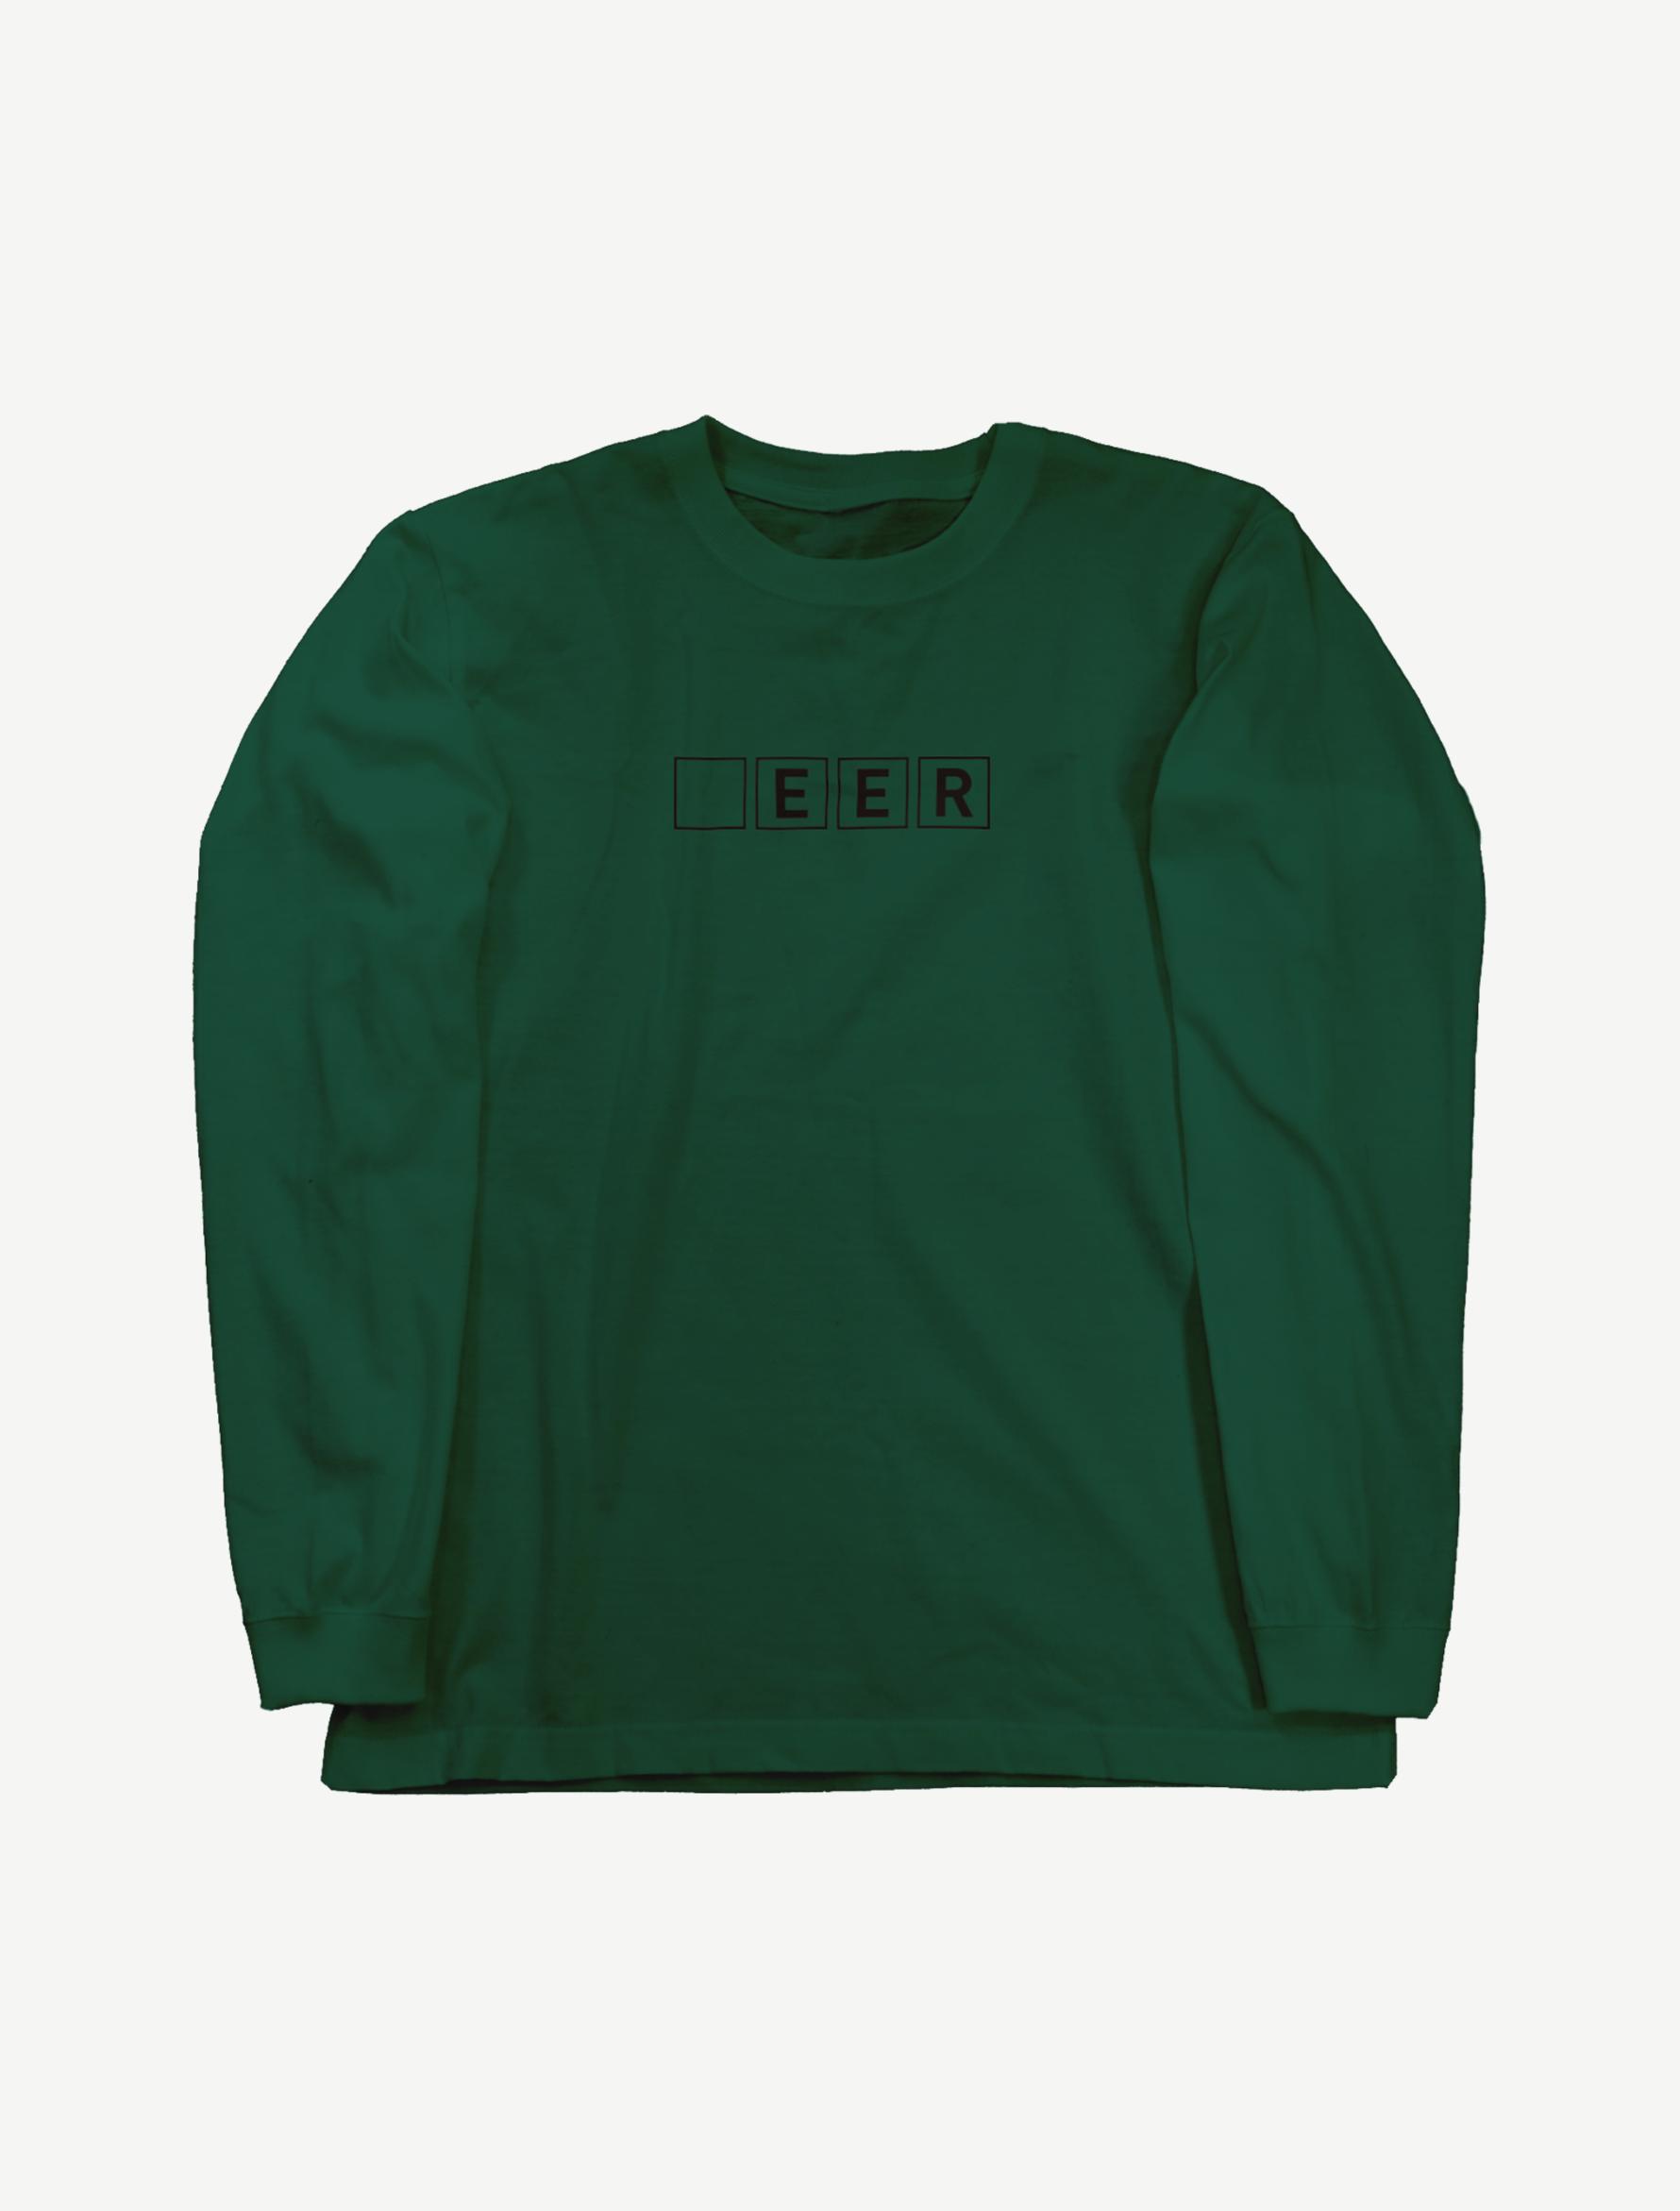 【□EER】ロングスリーブTシャツ(アイビーグリーン)